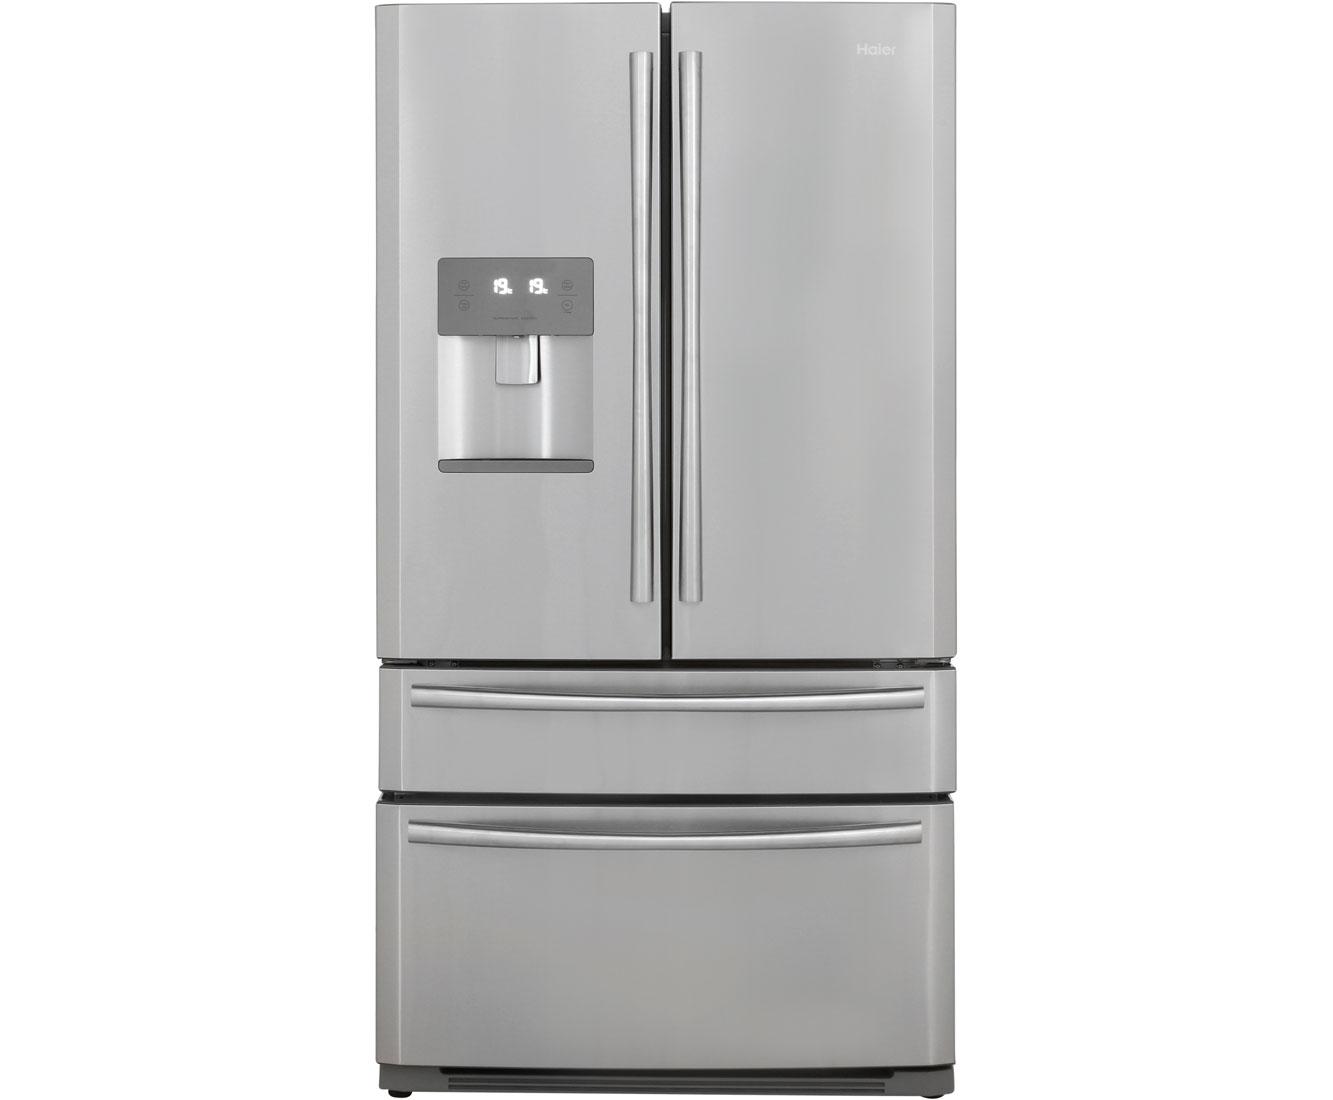 Amerikanischer Kühlschrank Haier : Side by side kühlschrank kaufen side by side kühlschrank media